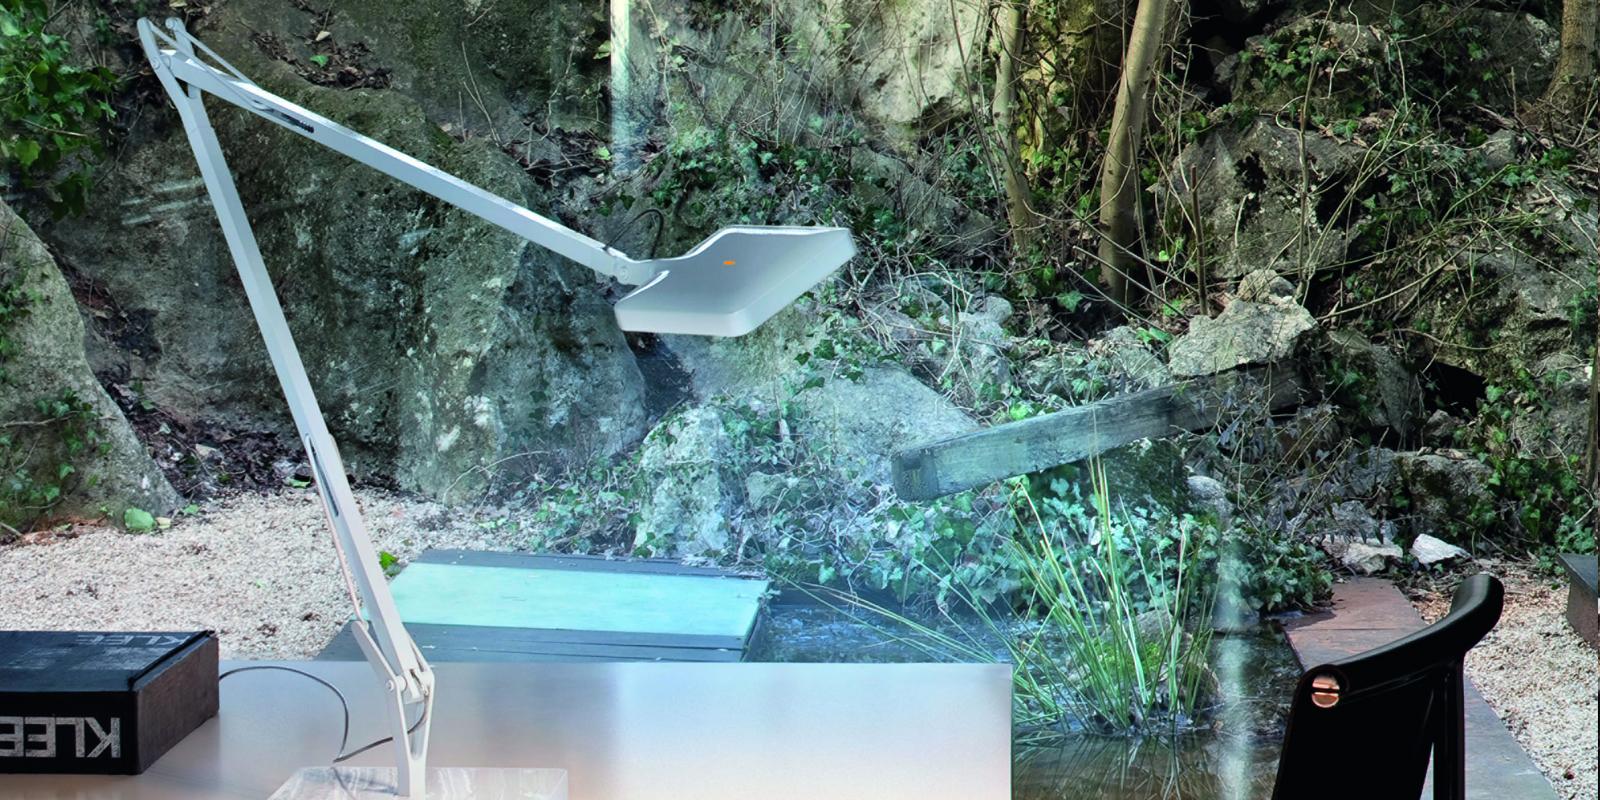 Miljøbilde av Kelvin edge bordlampe